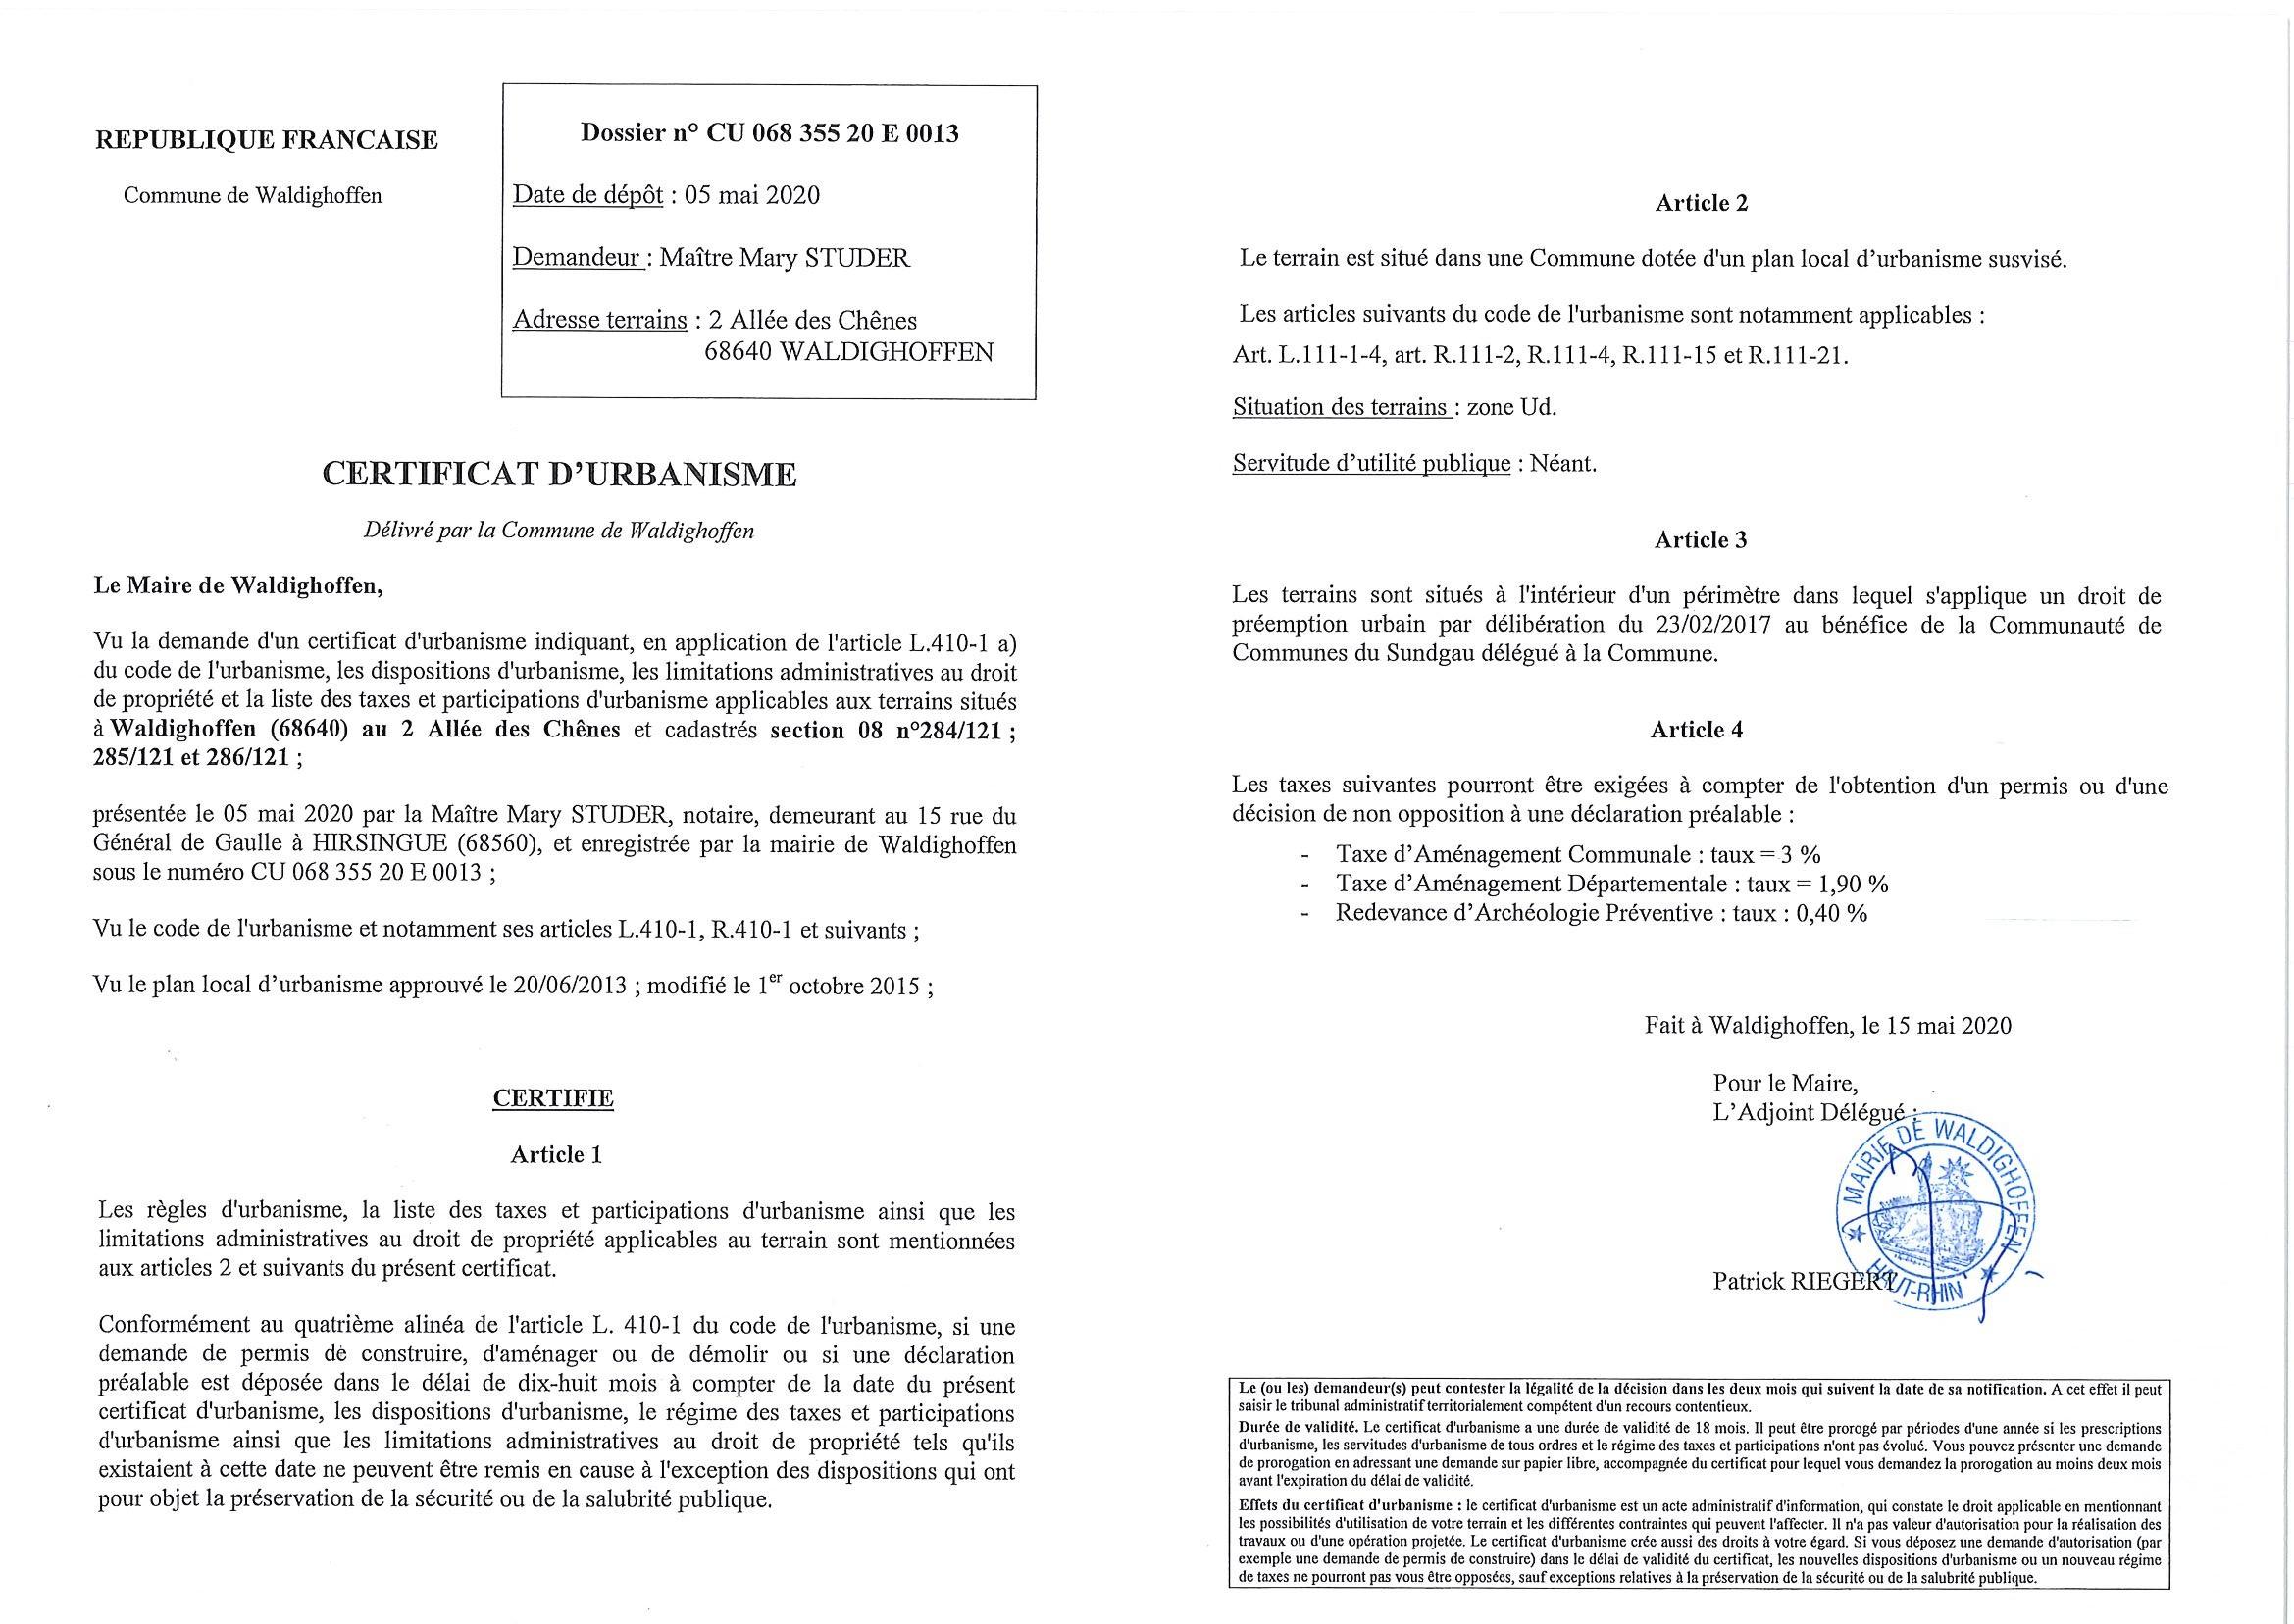 Certificat d'urbanisme établi pour Maître STUDER Mary